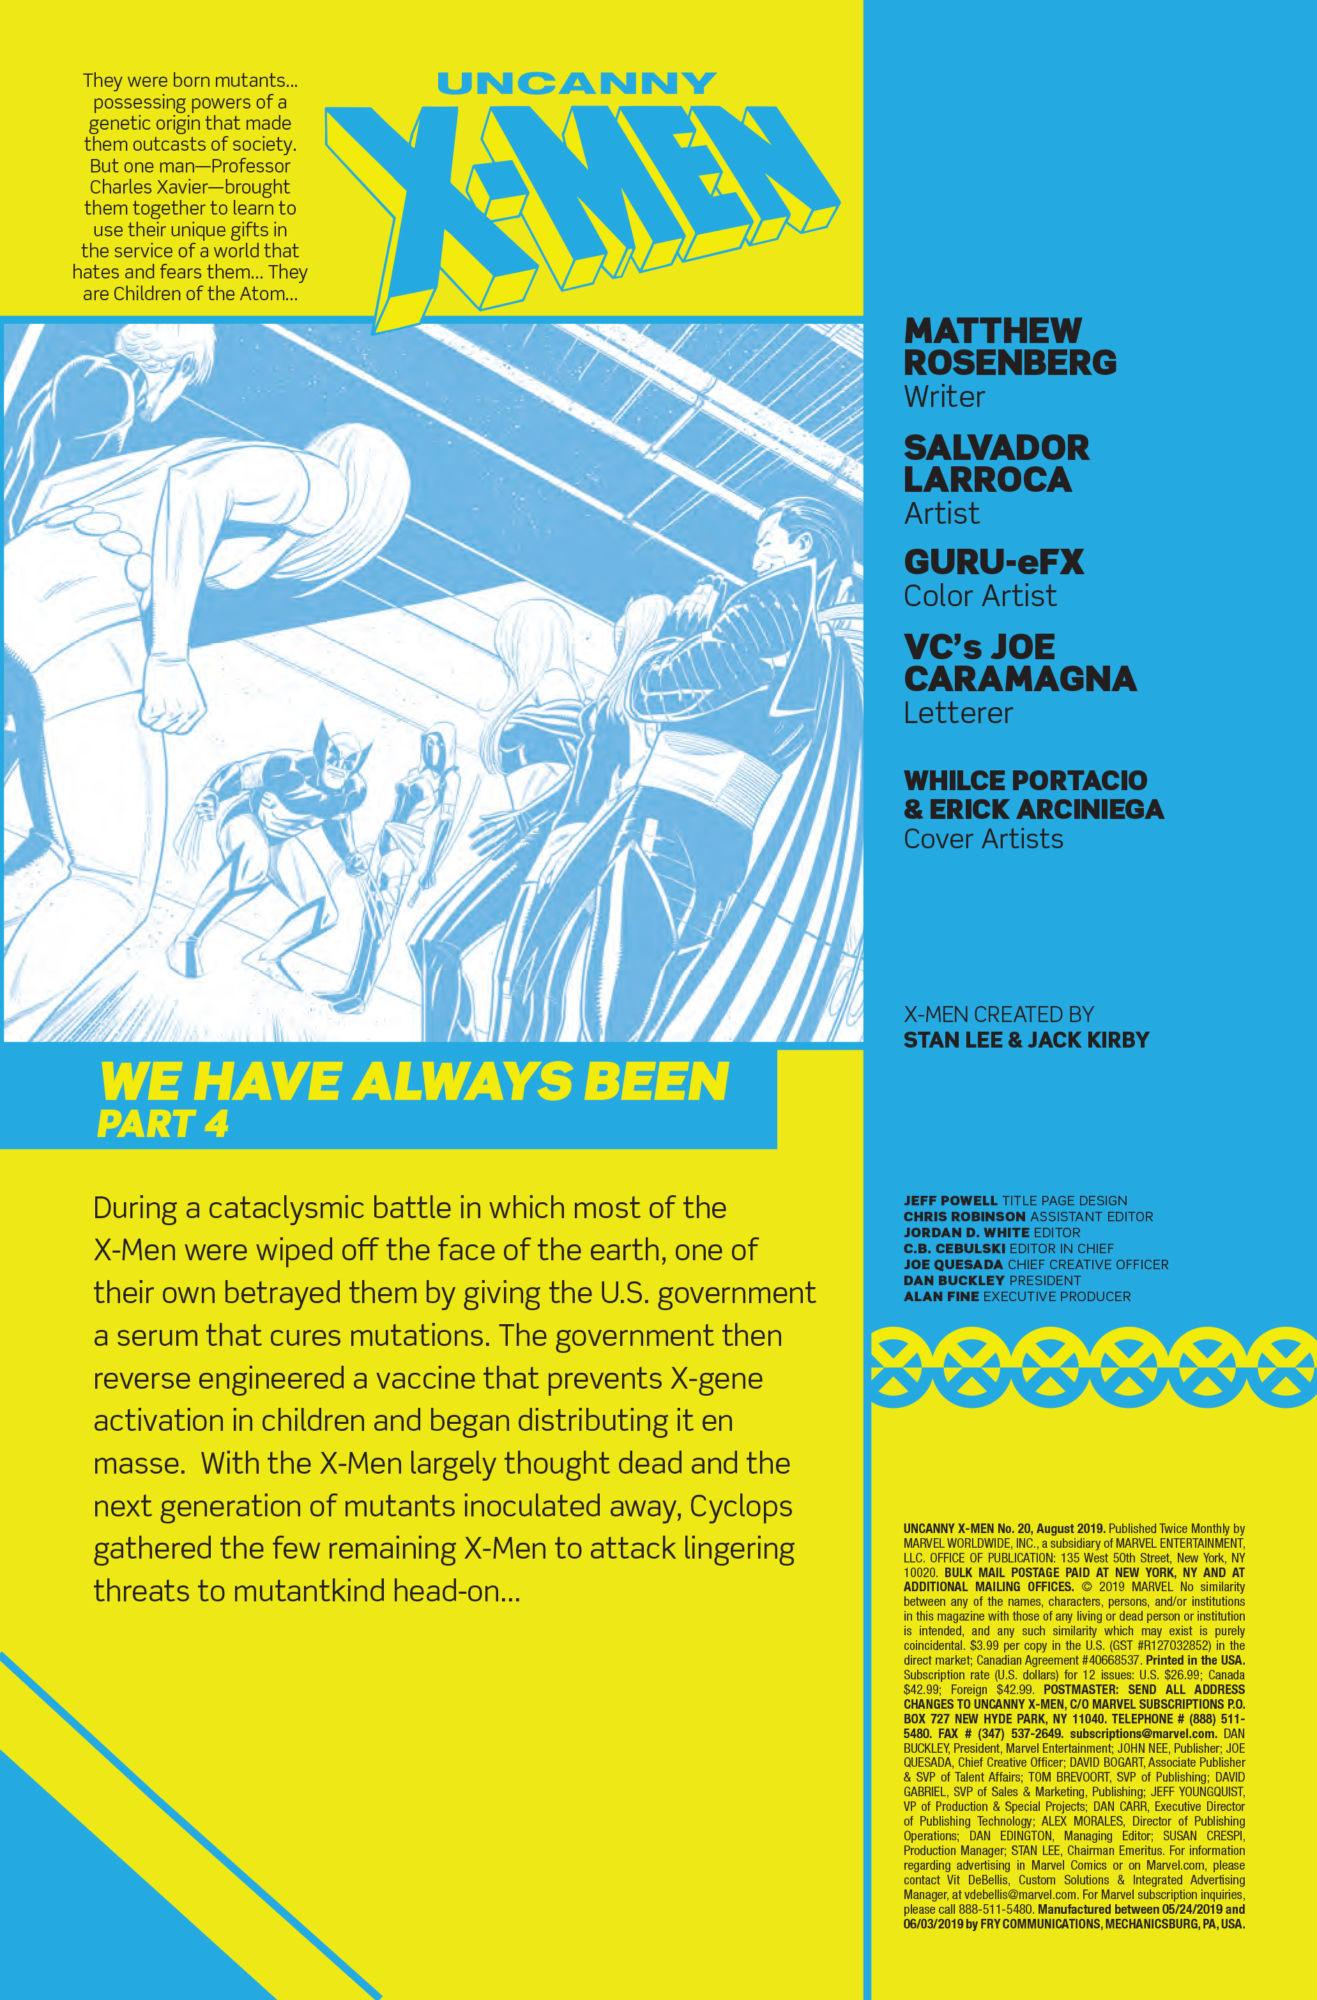 An Anti-Vaxxer's Nightmare in Uncanny X-Men #20